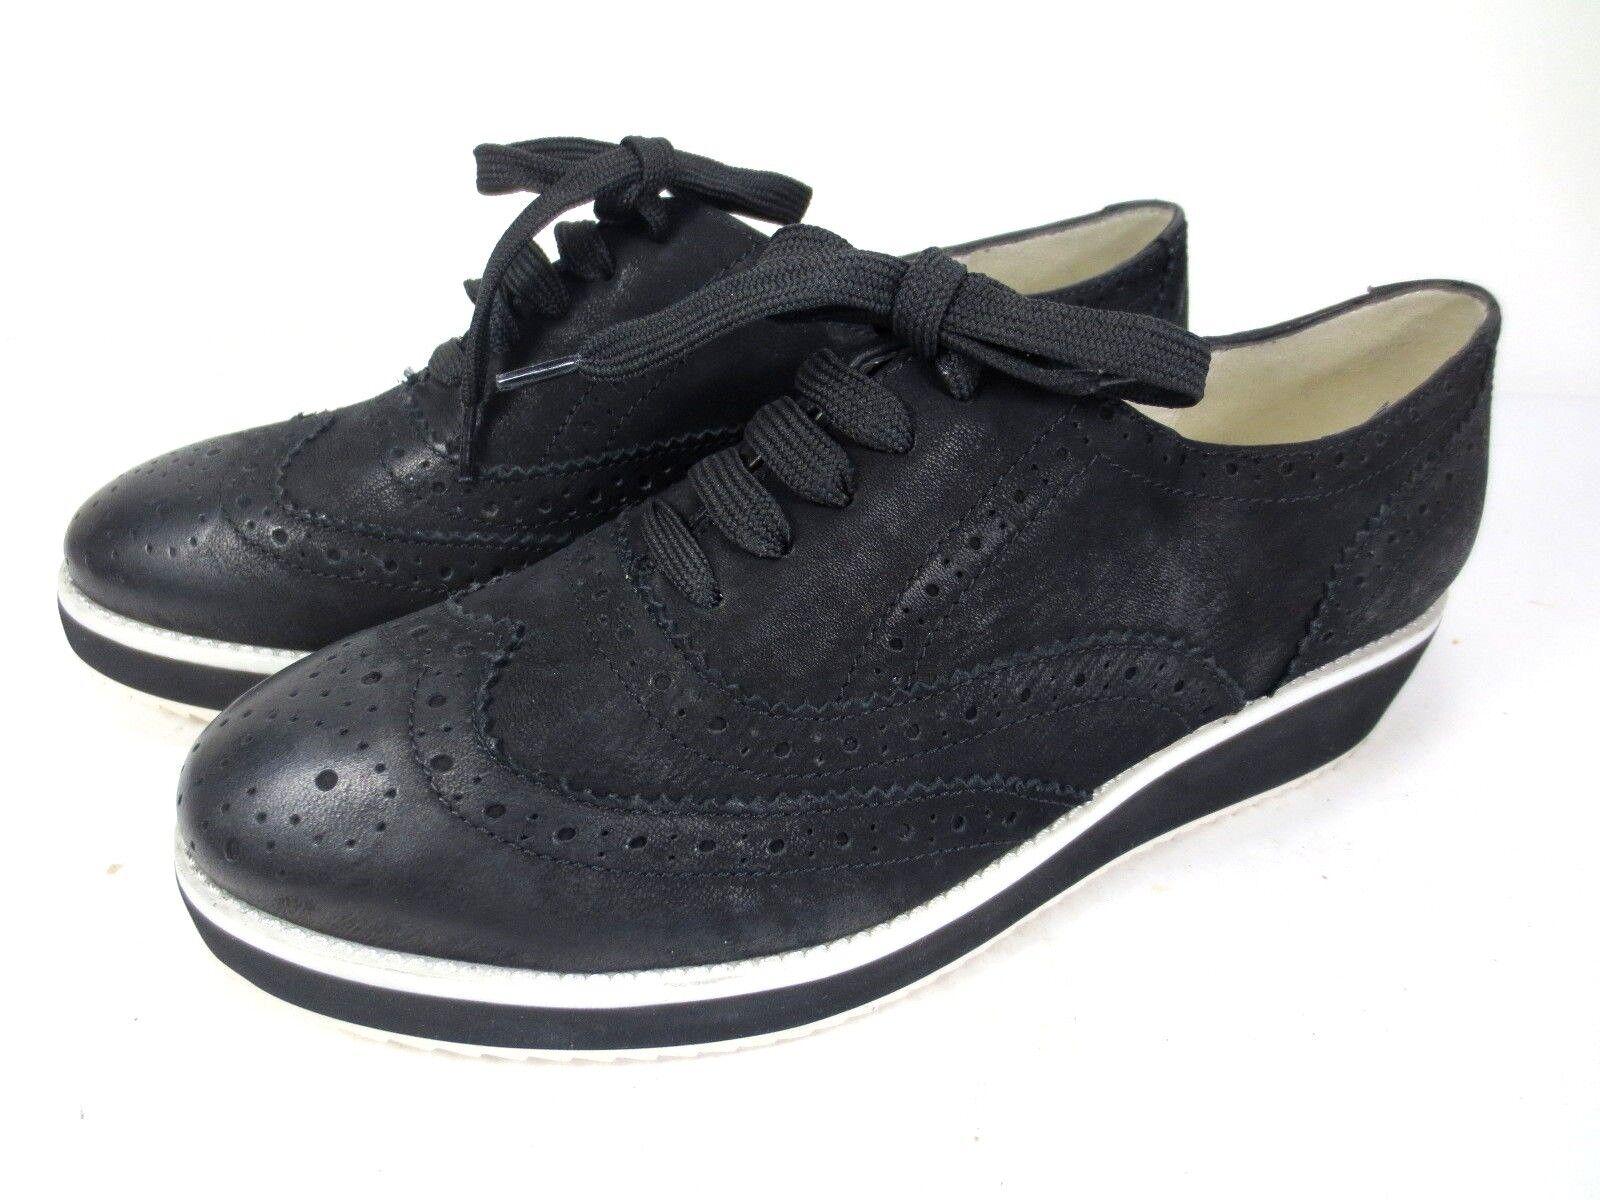 GERRY WEBER  Turnschuhe Leder Schuhe Dandy NEU 119,95 schwarz weiß